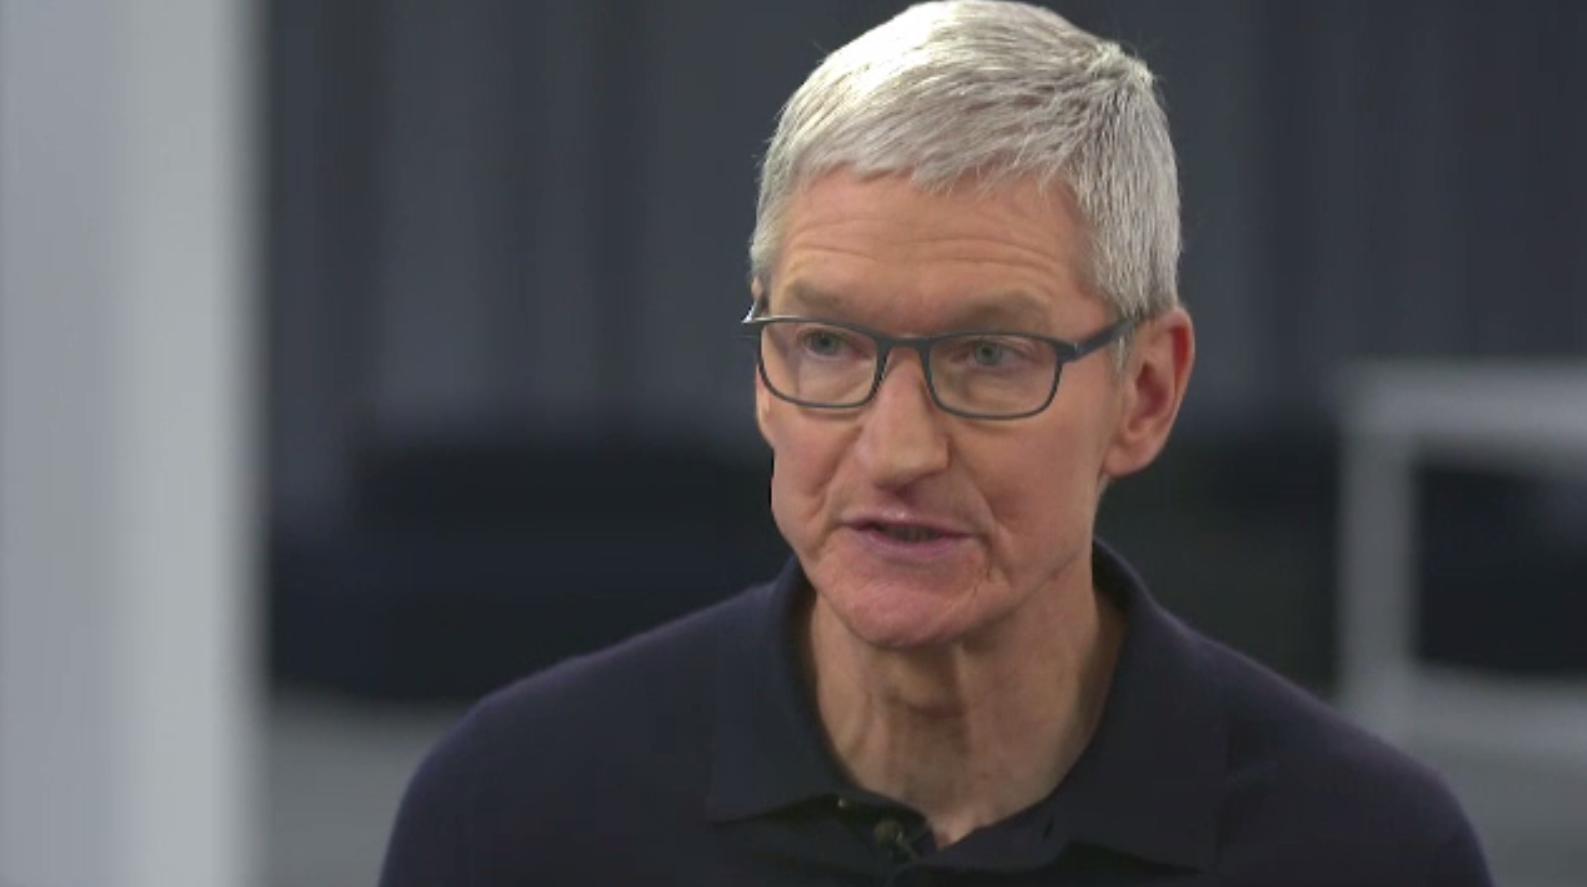 Apple vrea să-și convingă utilizatorii să trăiască mai mult în viața reală. Anunțul companiei